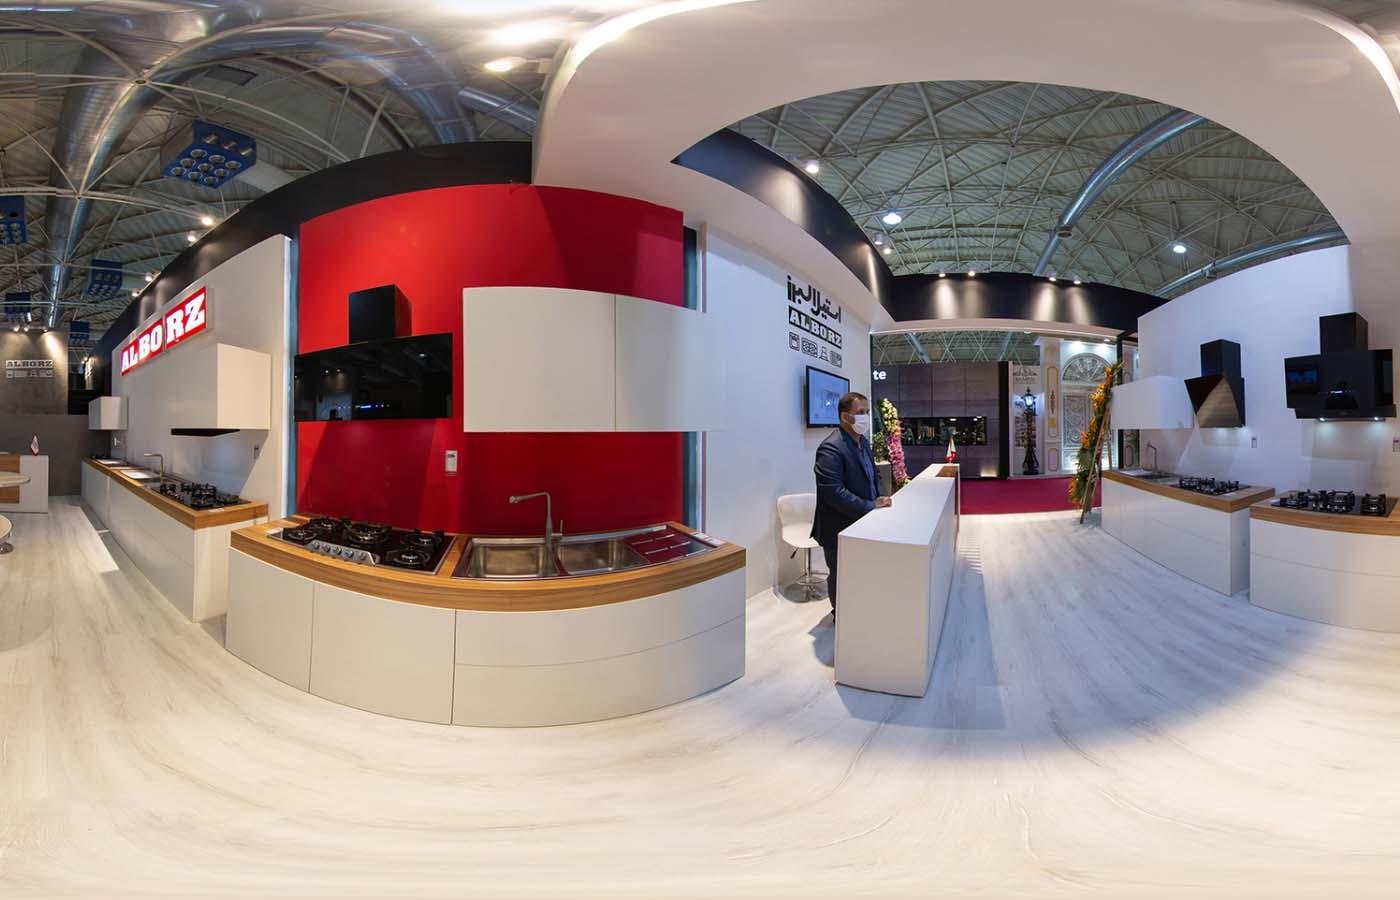 بیست و یکمین نمایشگاه صنعت ساختمان غرفه استیل البرز